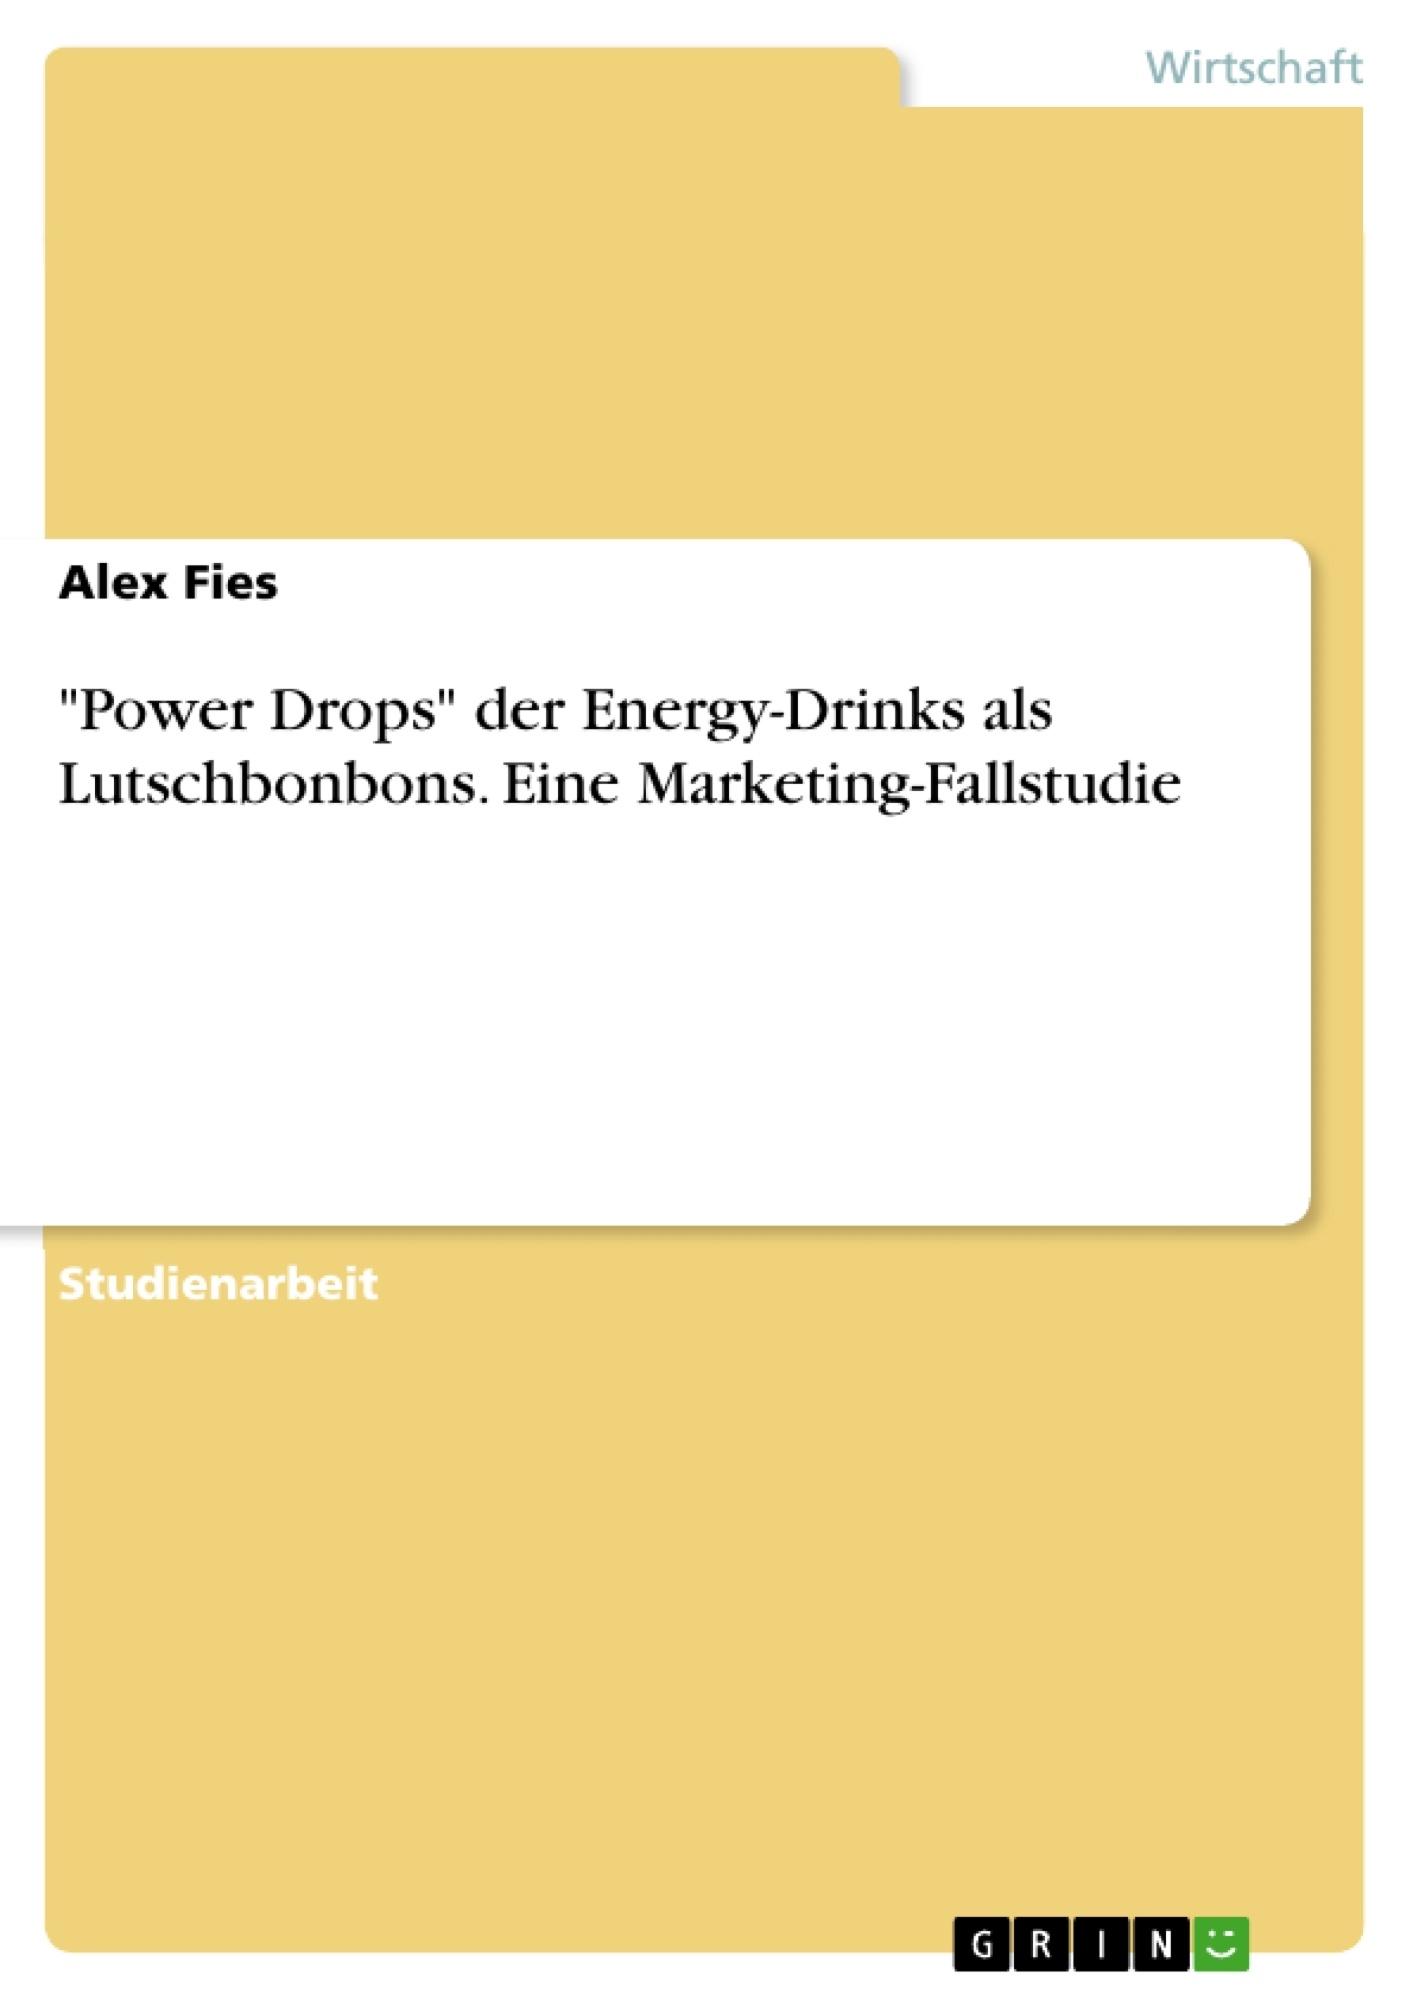 """Titel: """"Power Drops"""" der Energy-Drinks als Lutschbonbons. Eine Marketing-Fallstudie"""